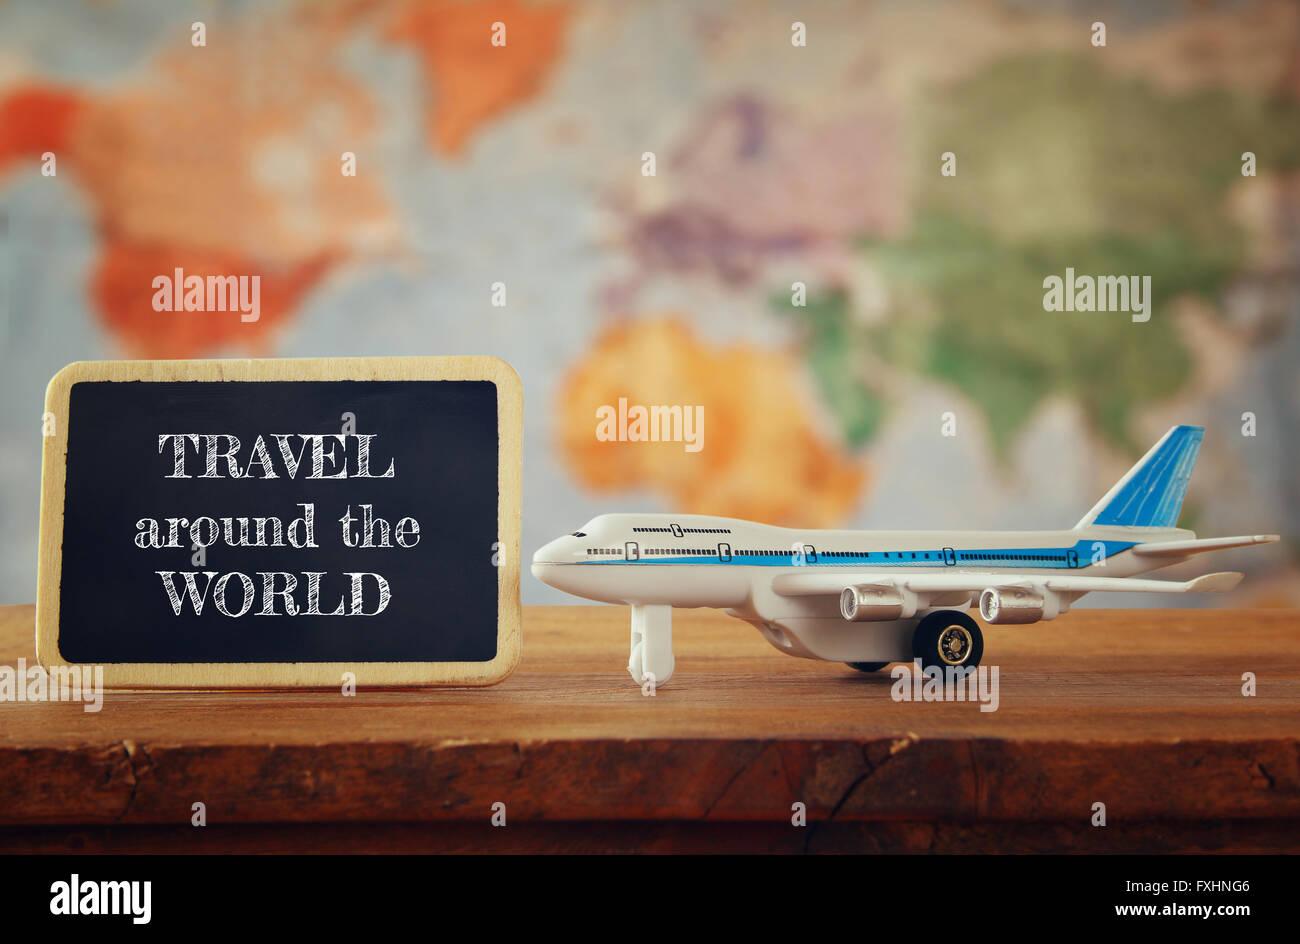 Giocattolo aereo accanto a Lavagna. vintage immagine filtrata. messa a fuoco selettiva Immagini Stock